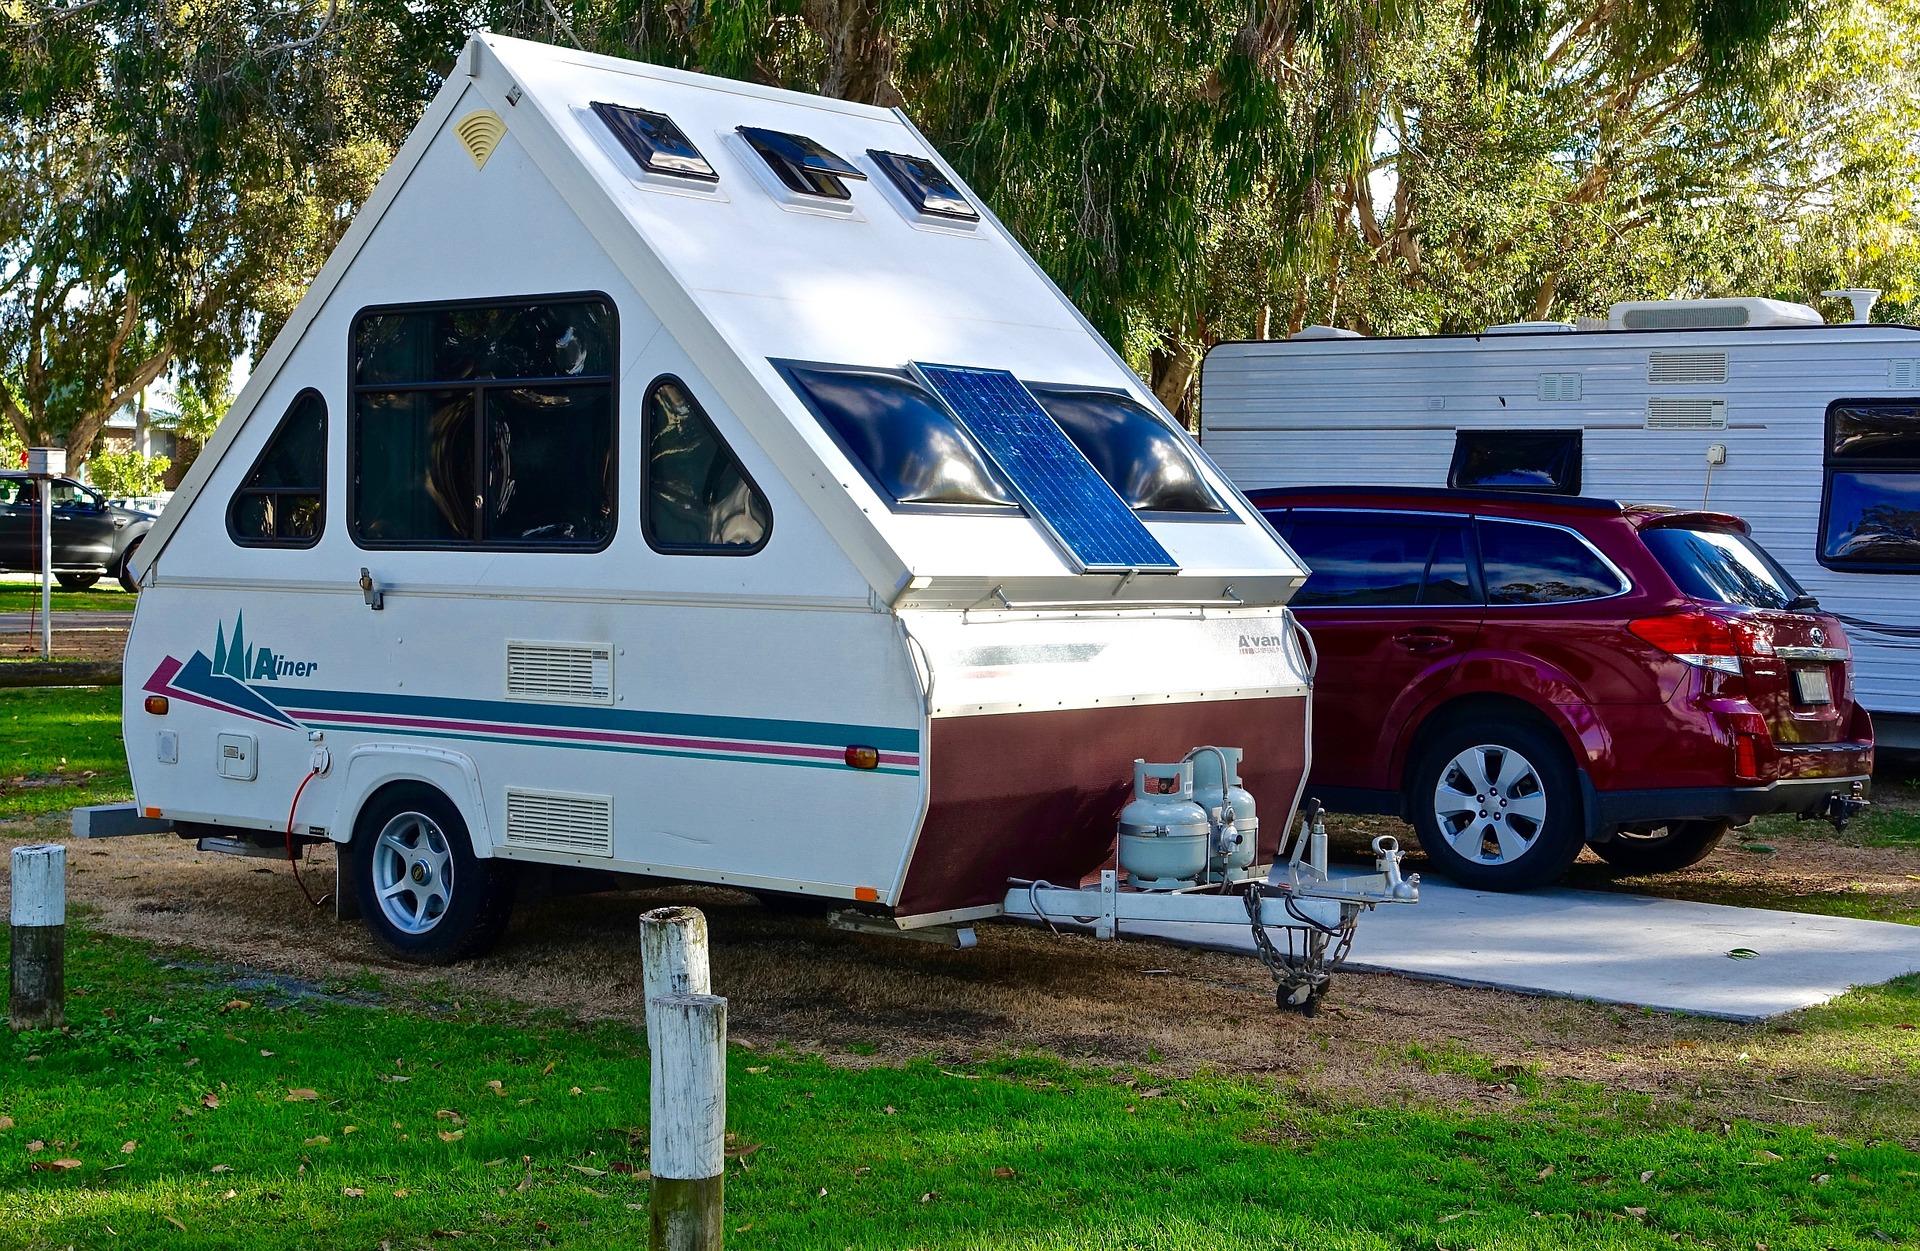 RV車 - 2019年のRVとキャンプ業界のトレンド